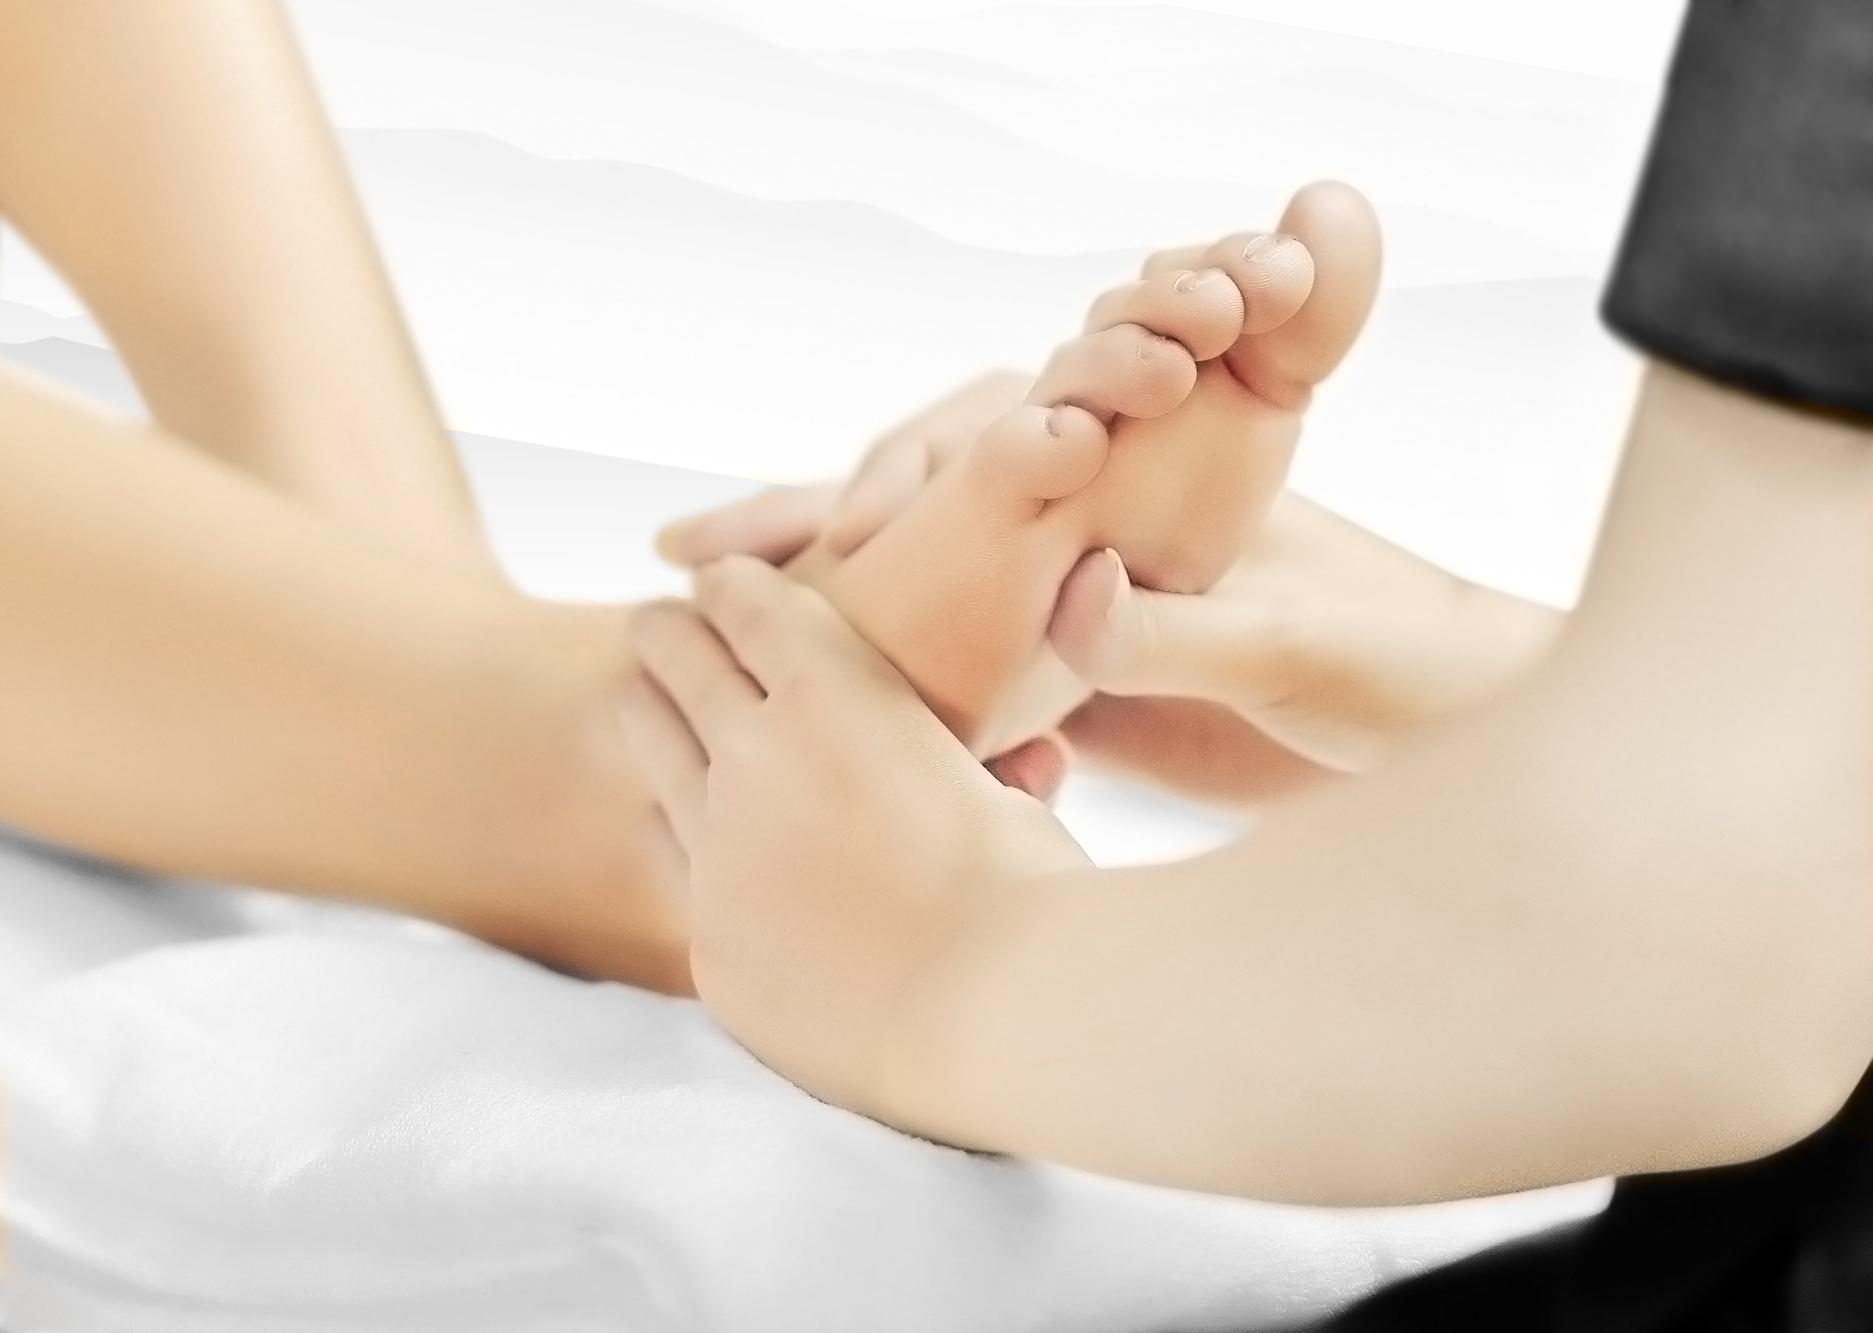 NING_Brand_Image_foot_massage